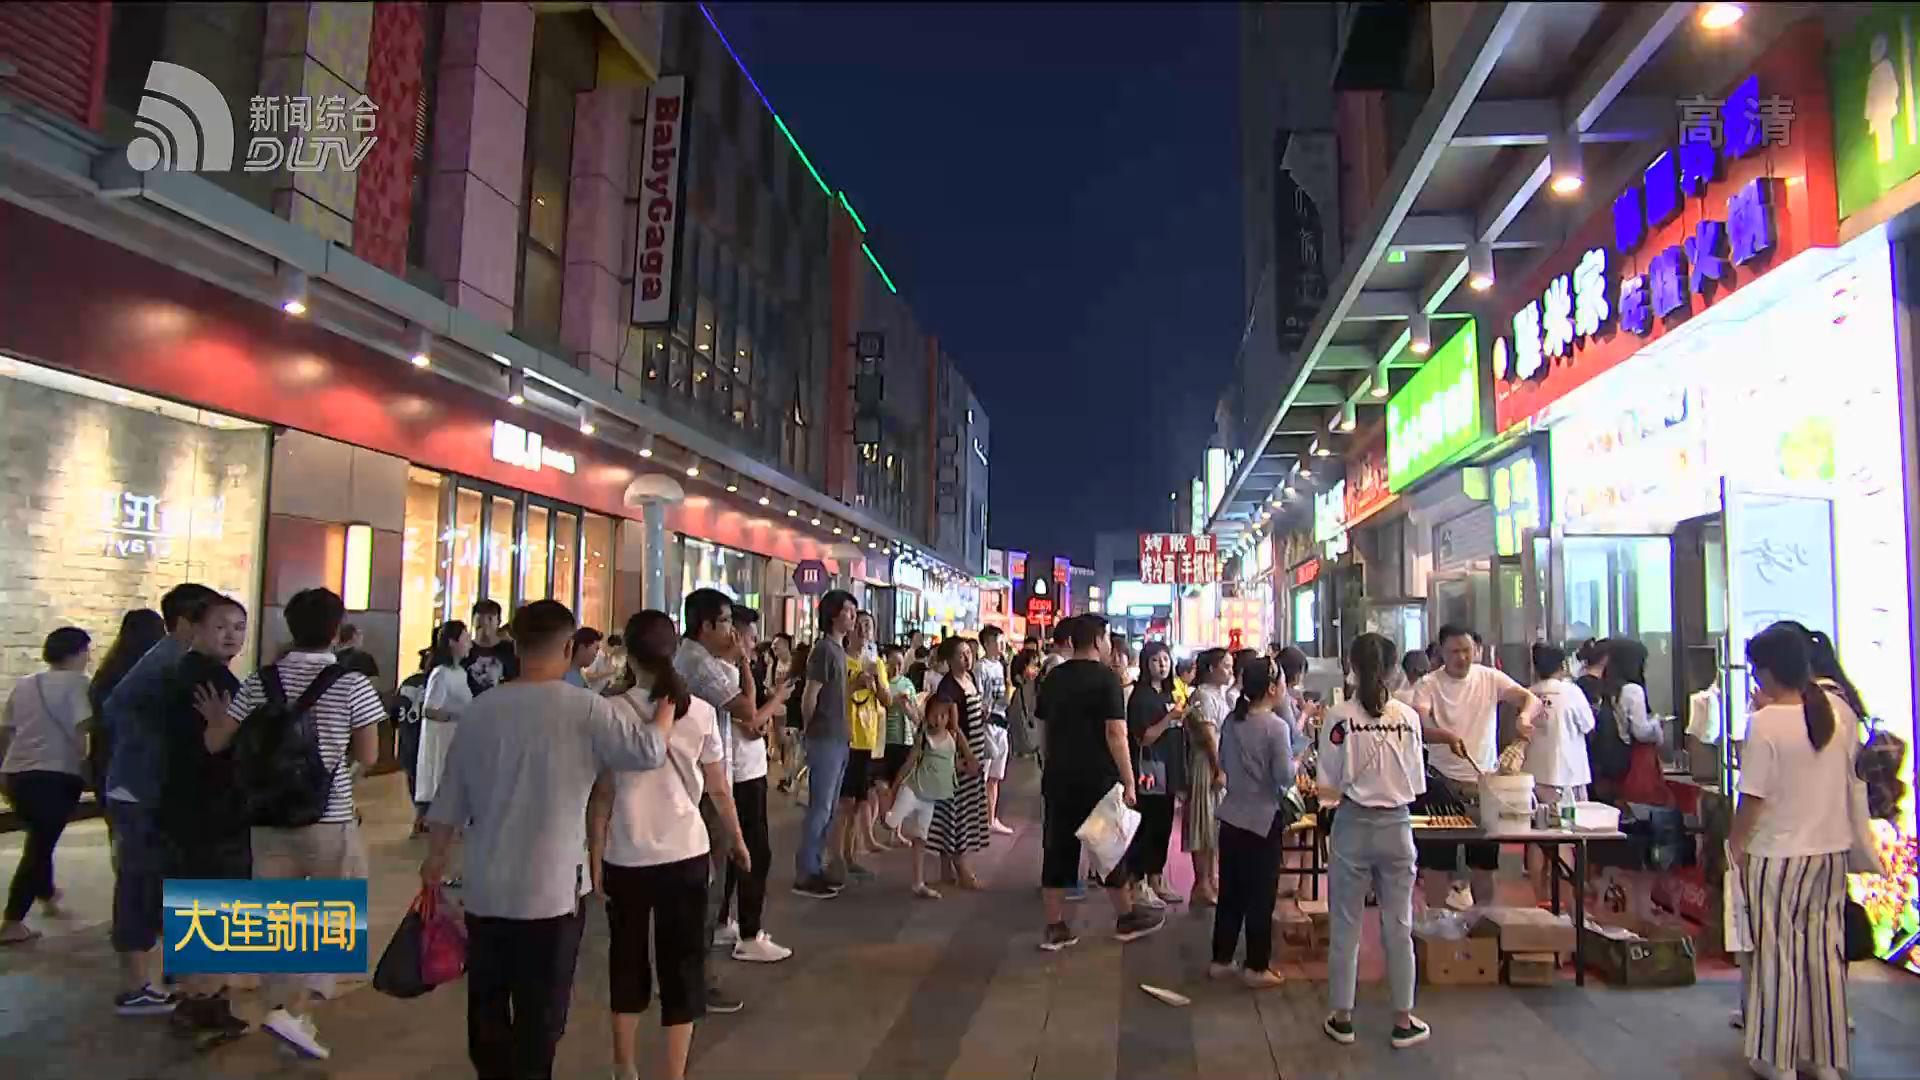 大连夜经济激活城市消费新动能